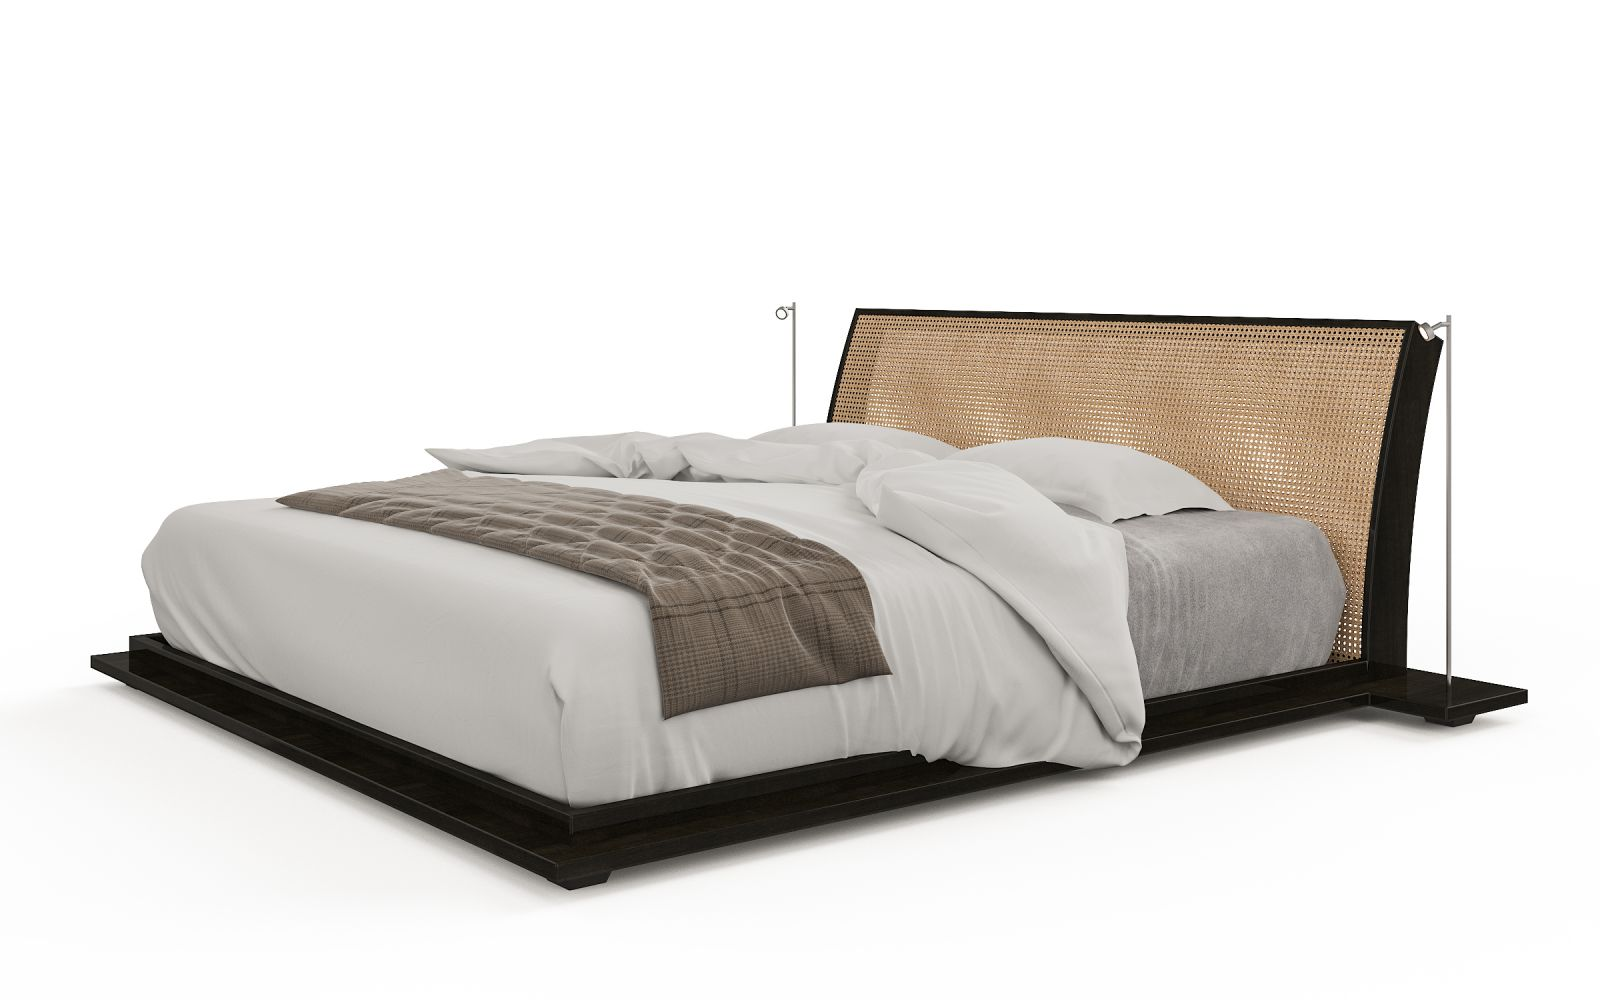 Tutami Bed 530